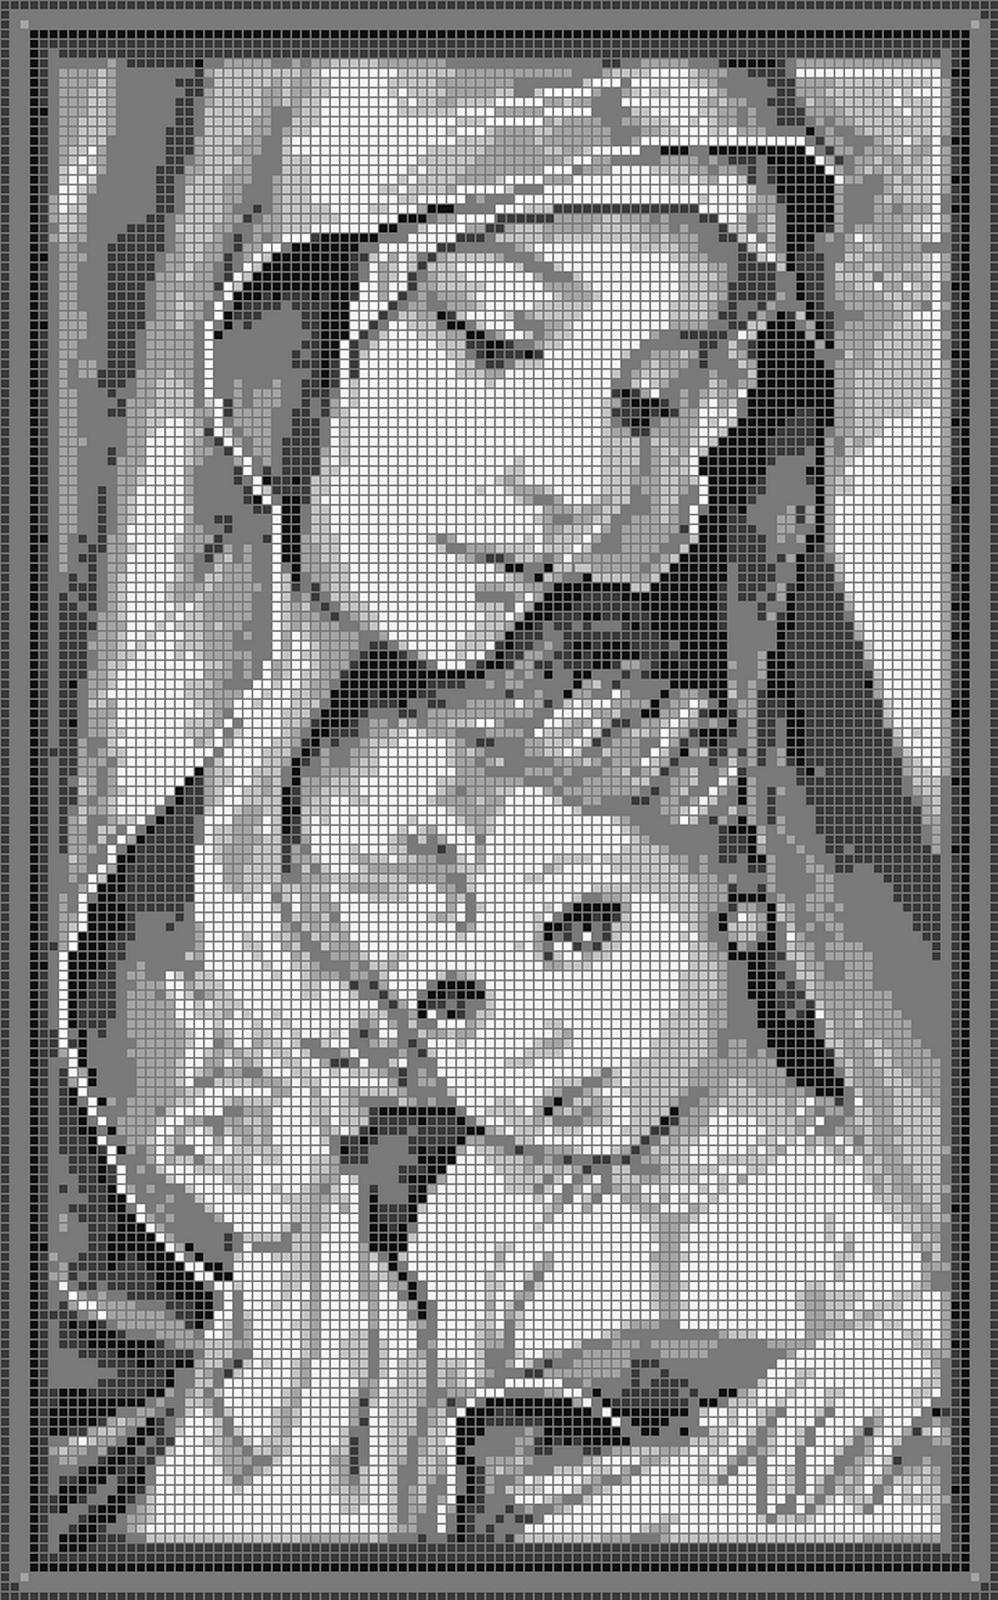 Madonnina punto croce madonnina punto croce pinterest for Punto croce immagini